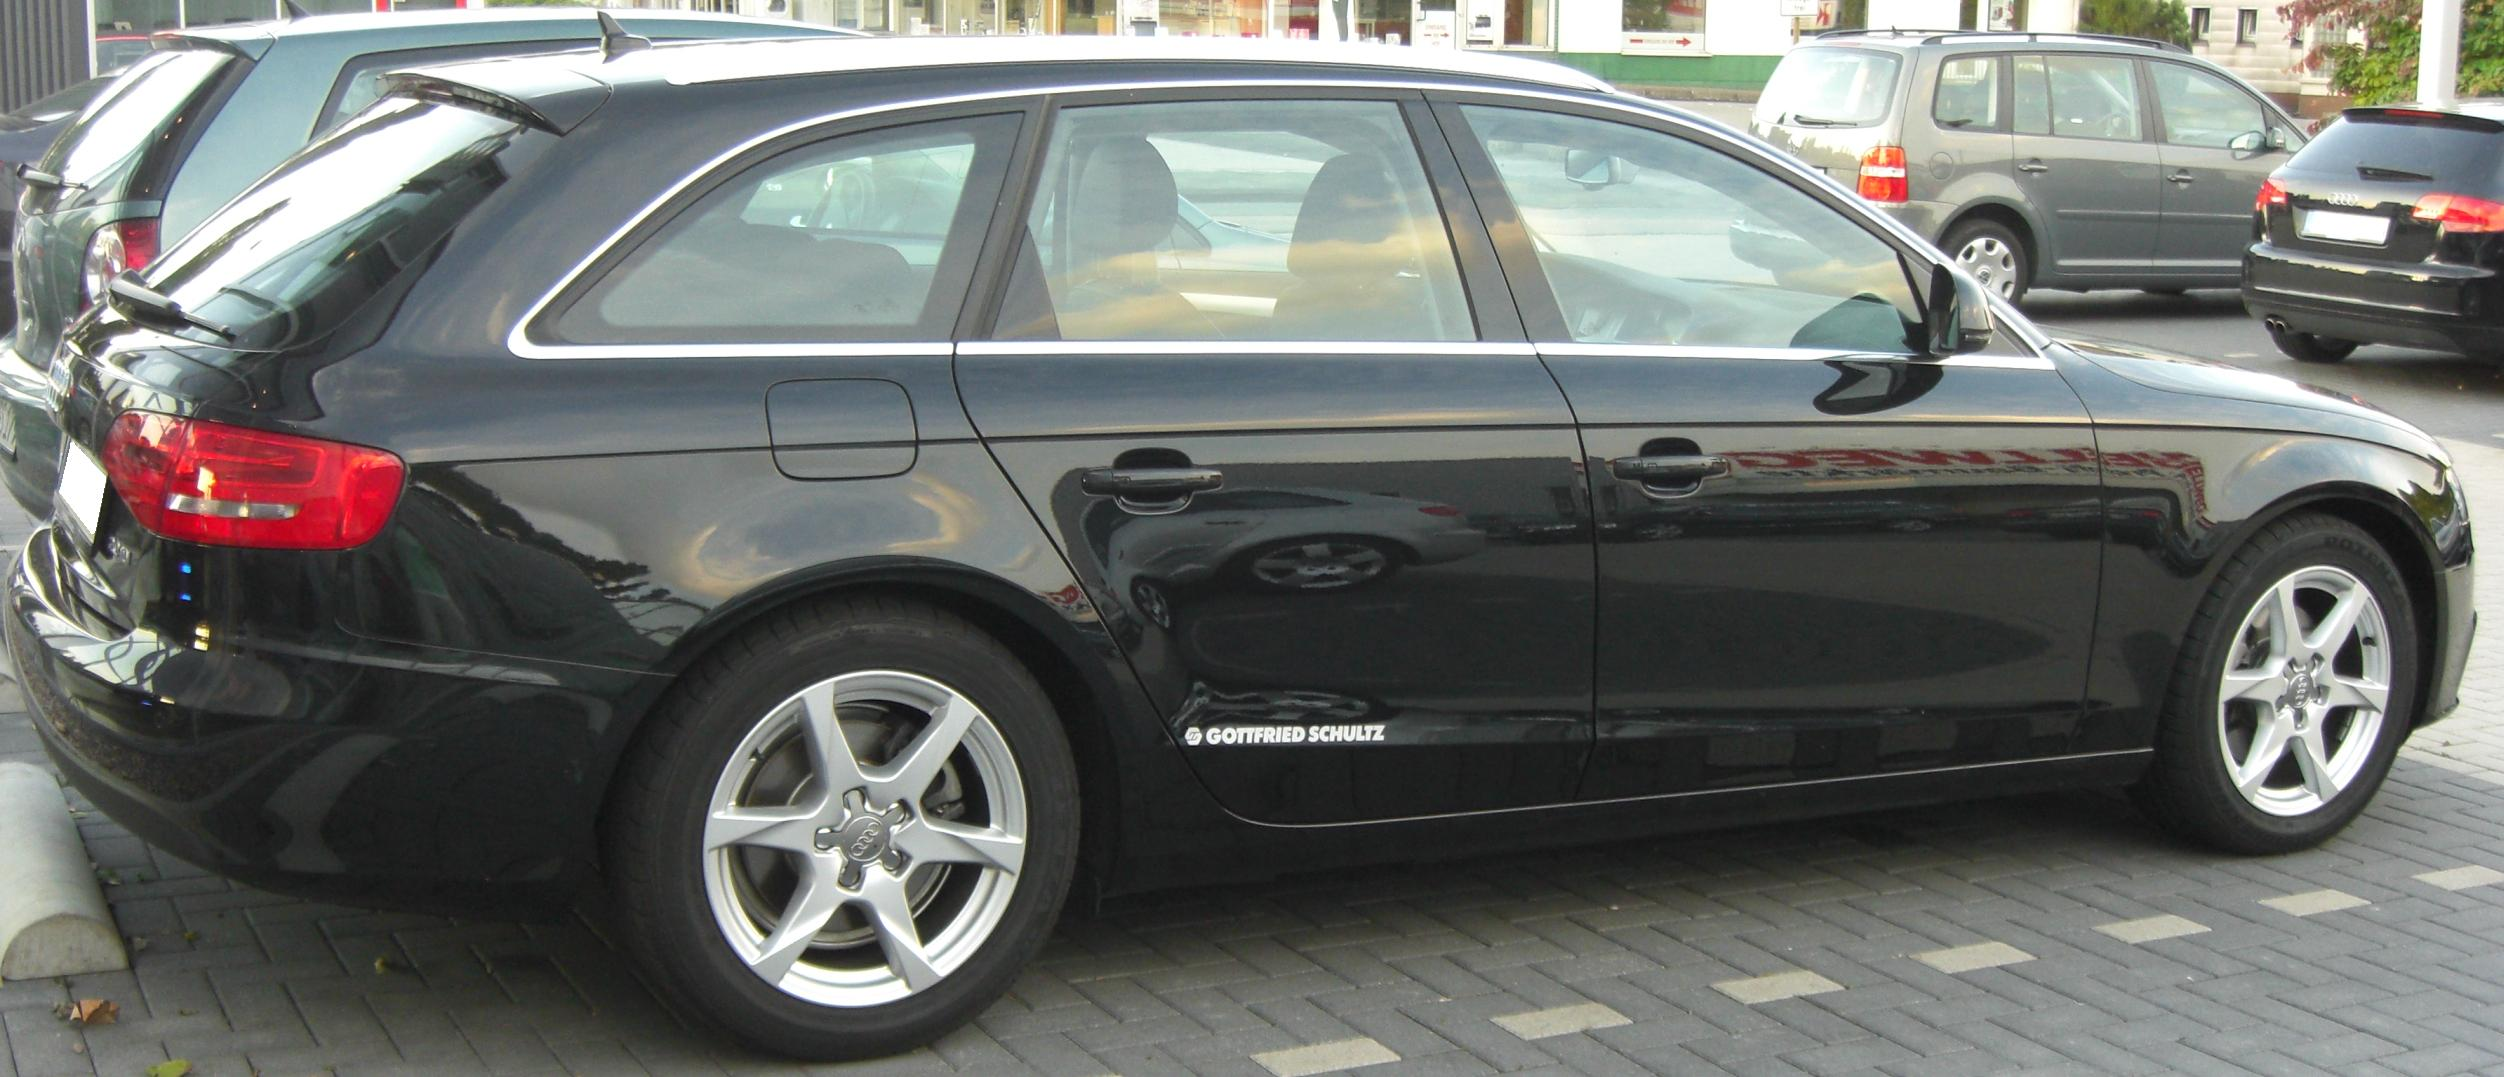 Audi A4 Avant Size Audi A4 Avant 2016 Picture Audi A4